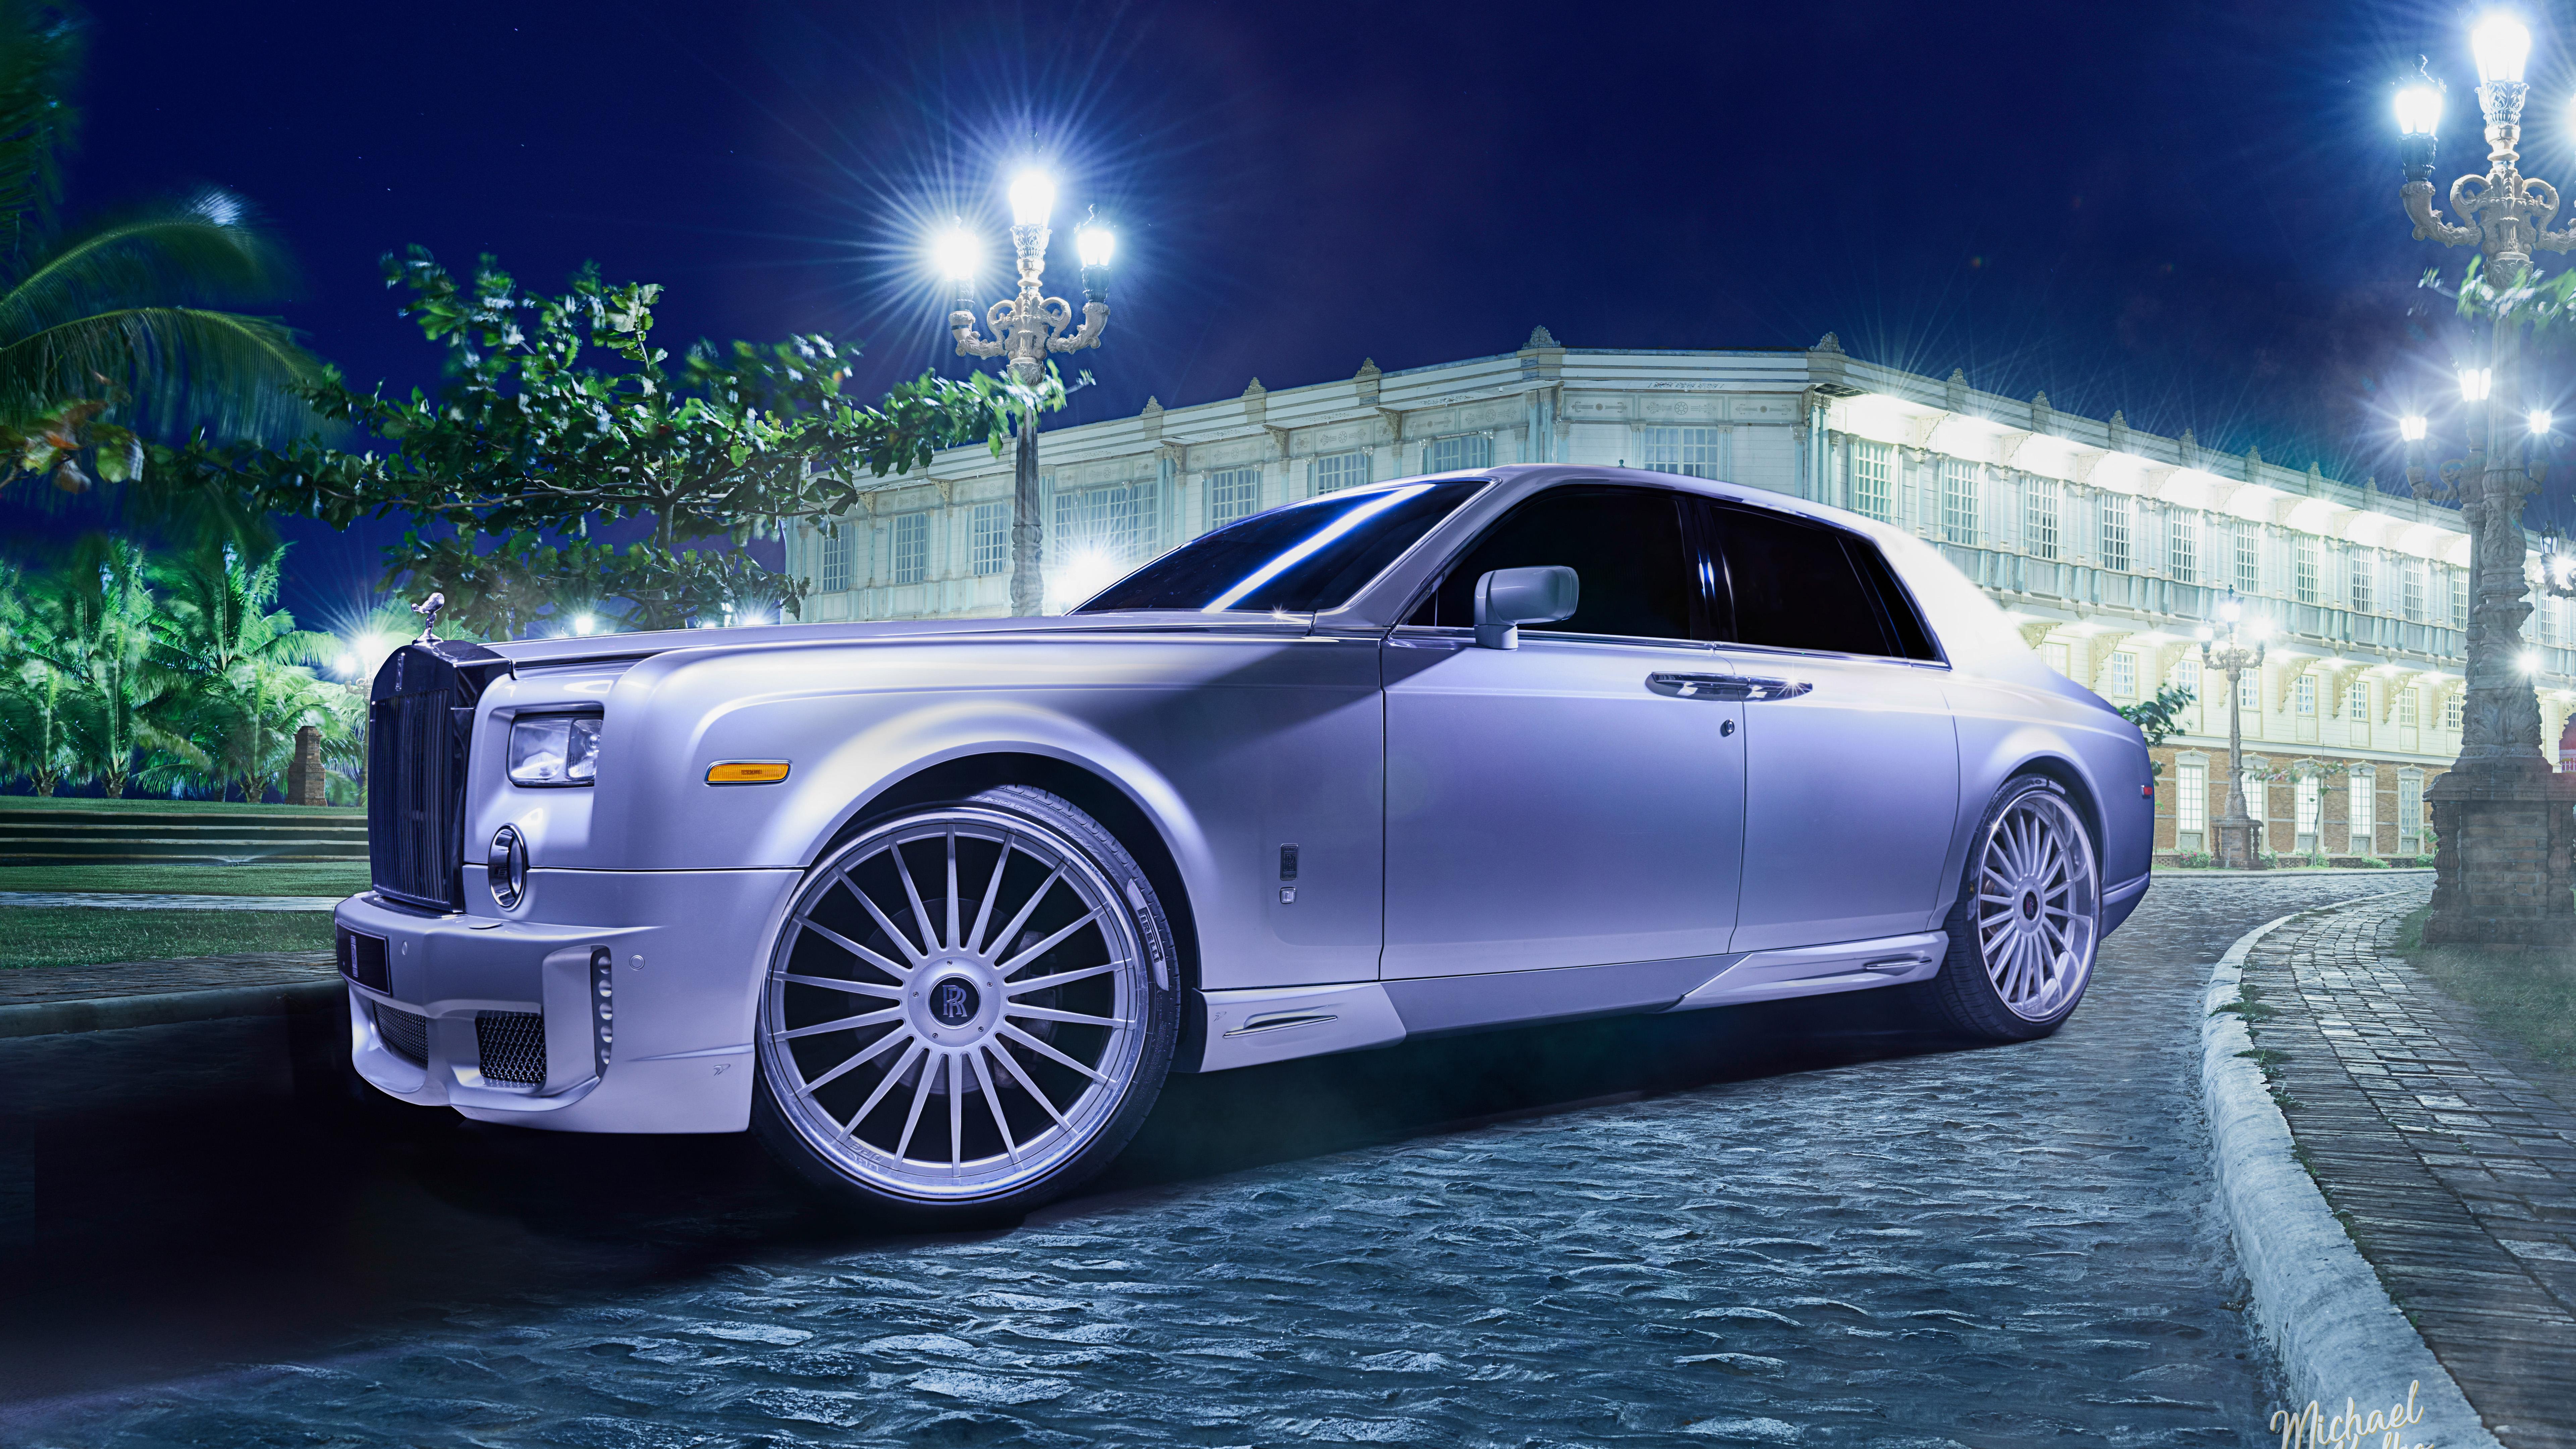 Rolls Royce Ghost 4k 8k Wallpaper Hd Car Wallpapers Id 11485